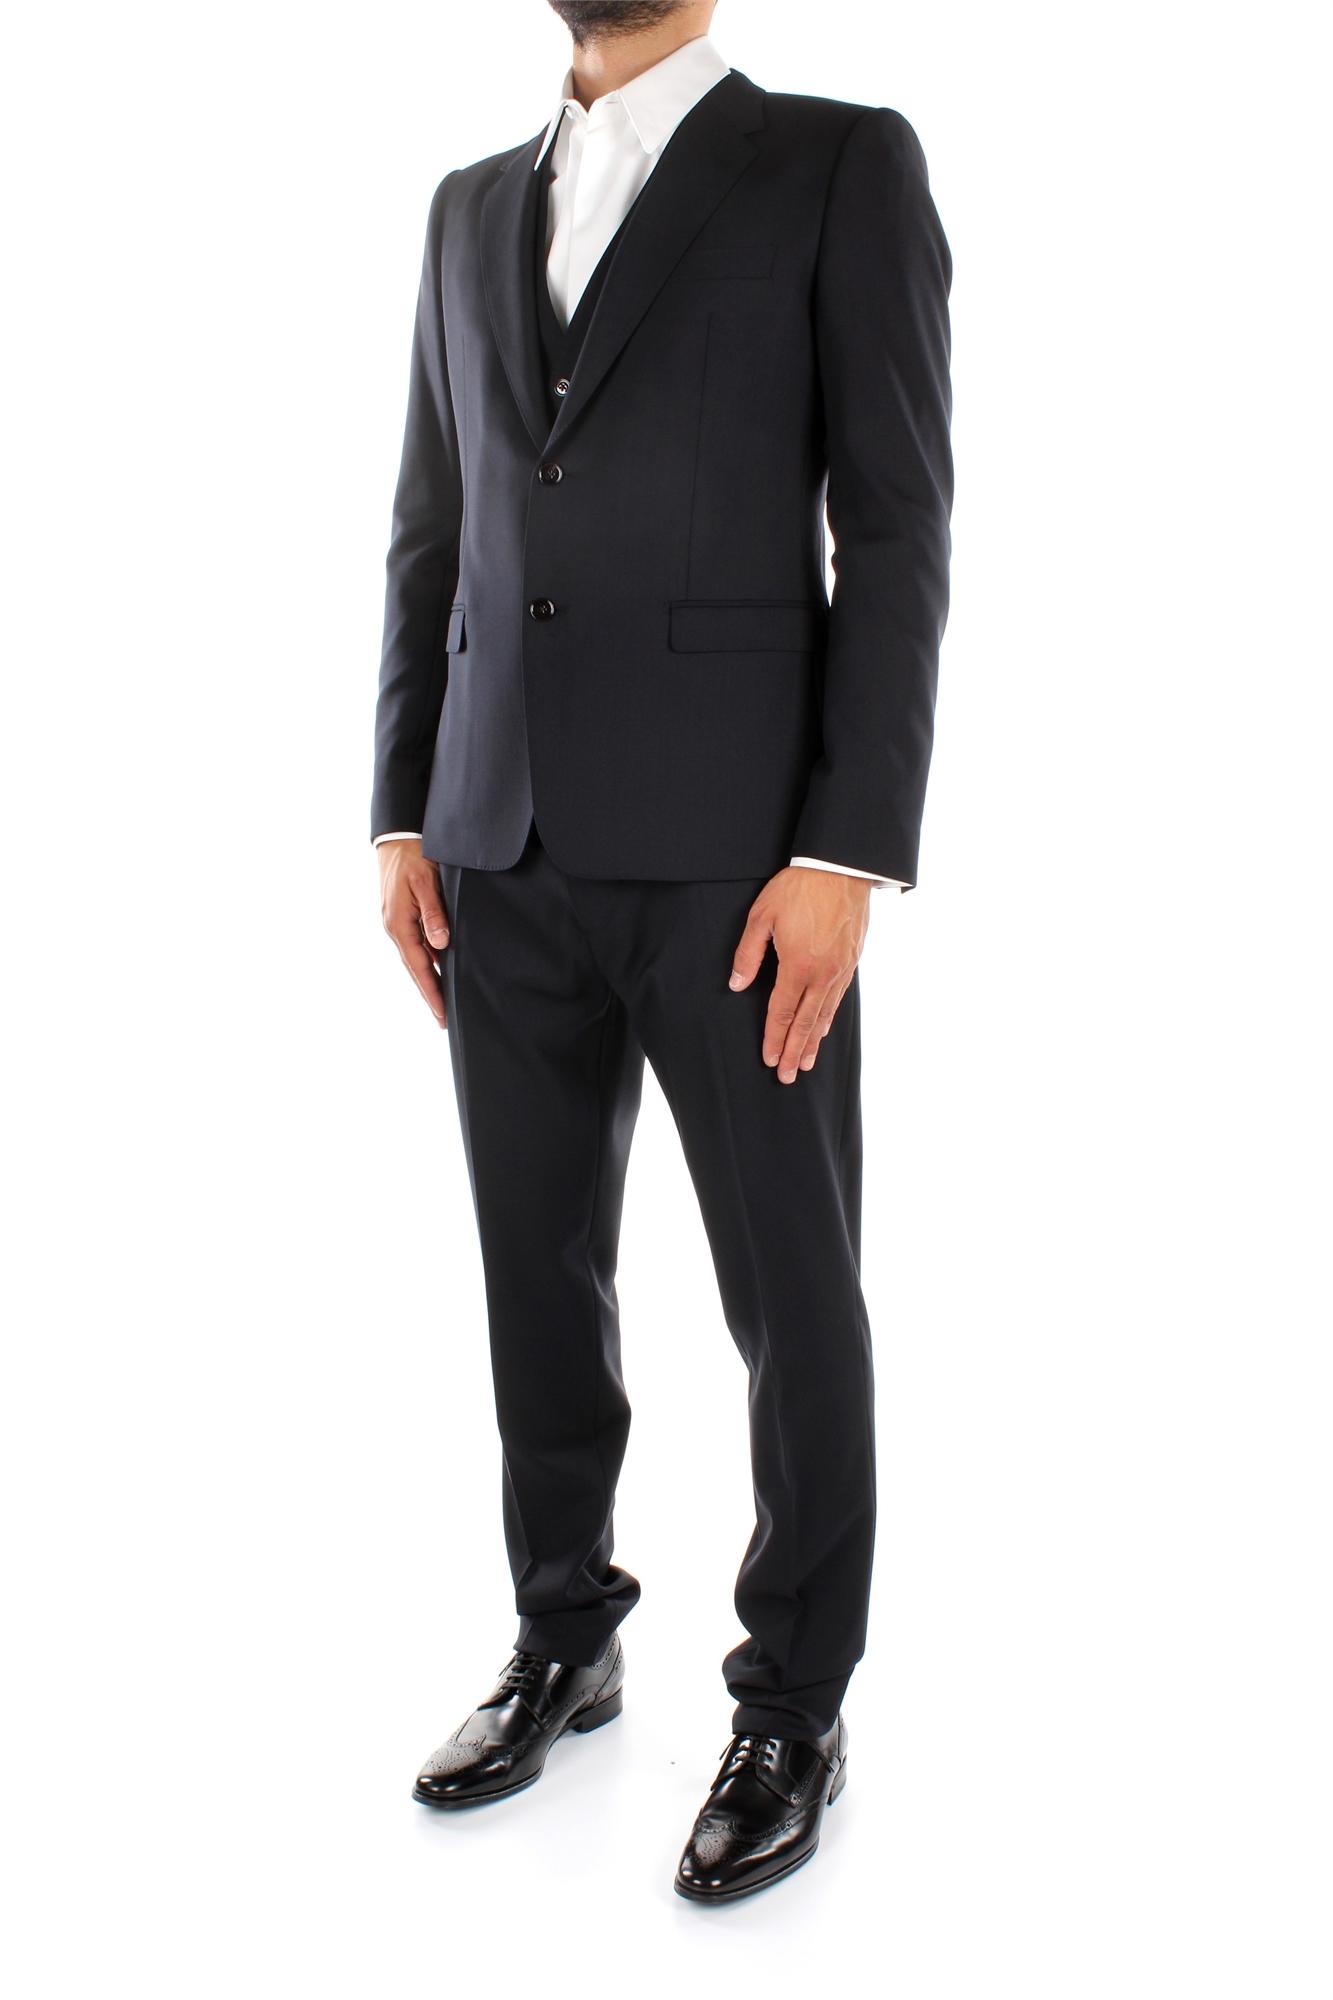 Scopri la vasta gamma di abiti da uomo, giacche, completi, giacche da abito a pantaloni eleganti da abbinare. Browser supportati Per utilizzare ASOS, ti consigliamo di utilizzare l'ultima versione di Firefox, Safari o Internet Explorer.